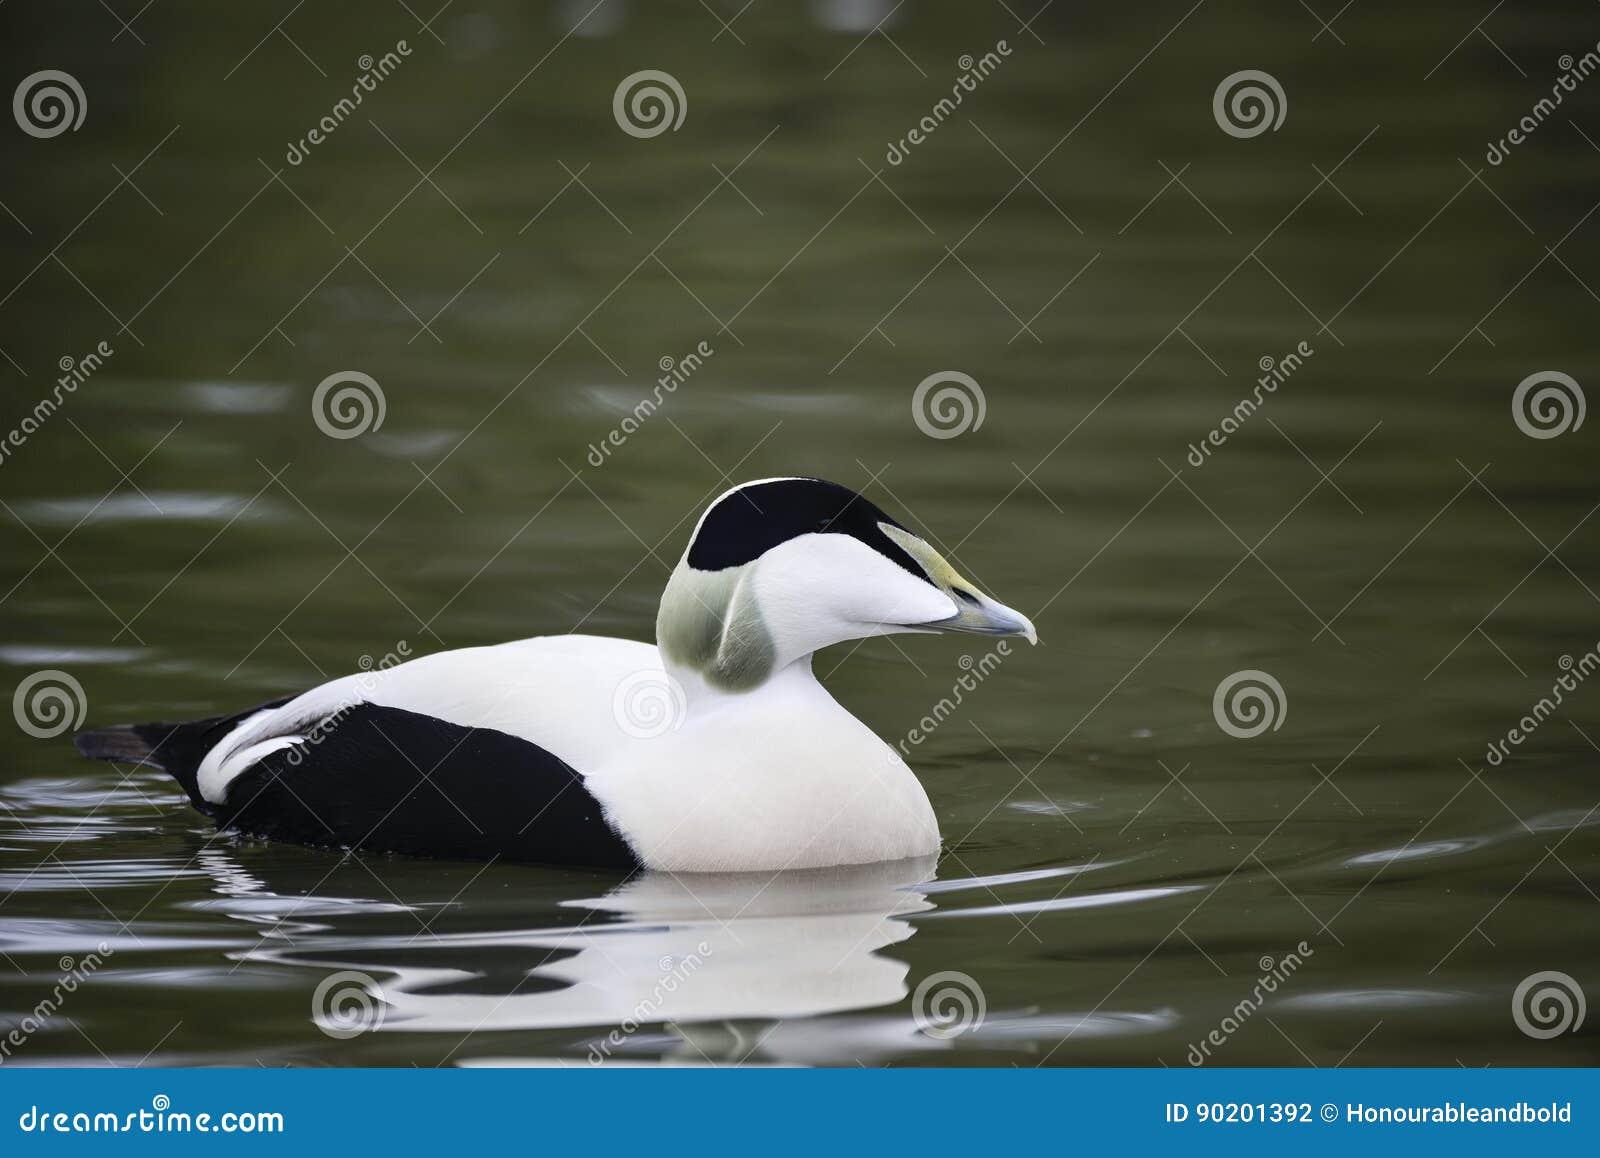 Portrait of Common Eider duck bird Somateria Mollissima in Spring in natural habitat